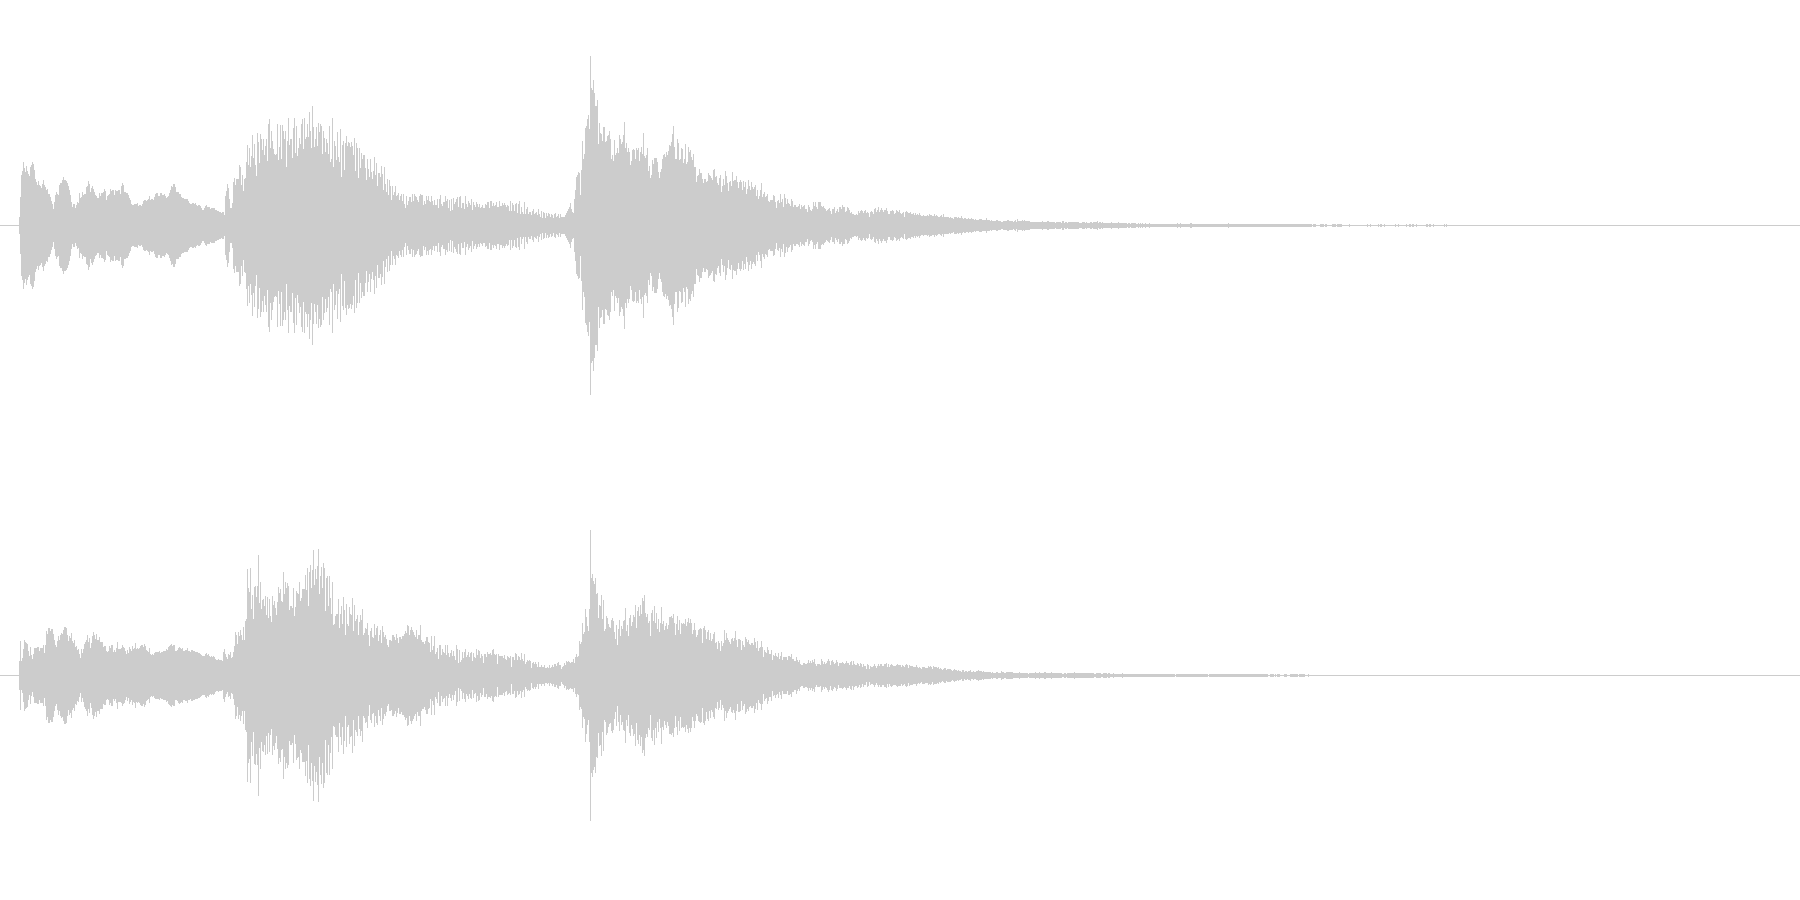 ピアノのホラーなジングル・場面転換の未再生の波形